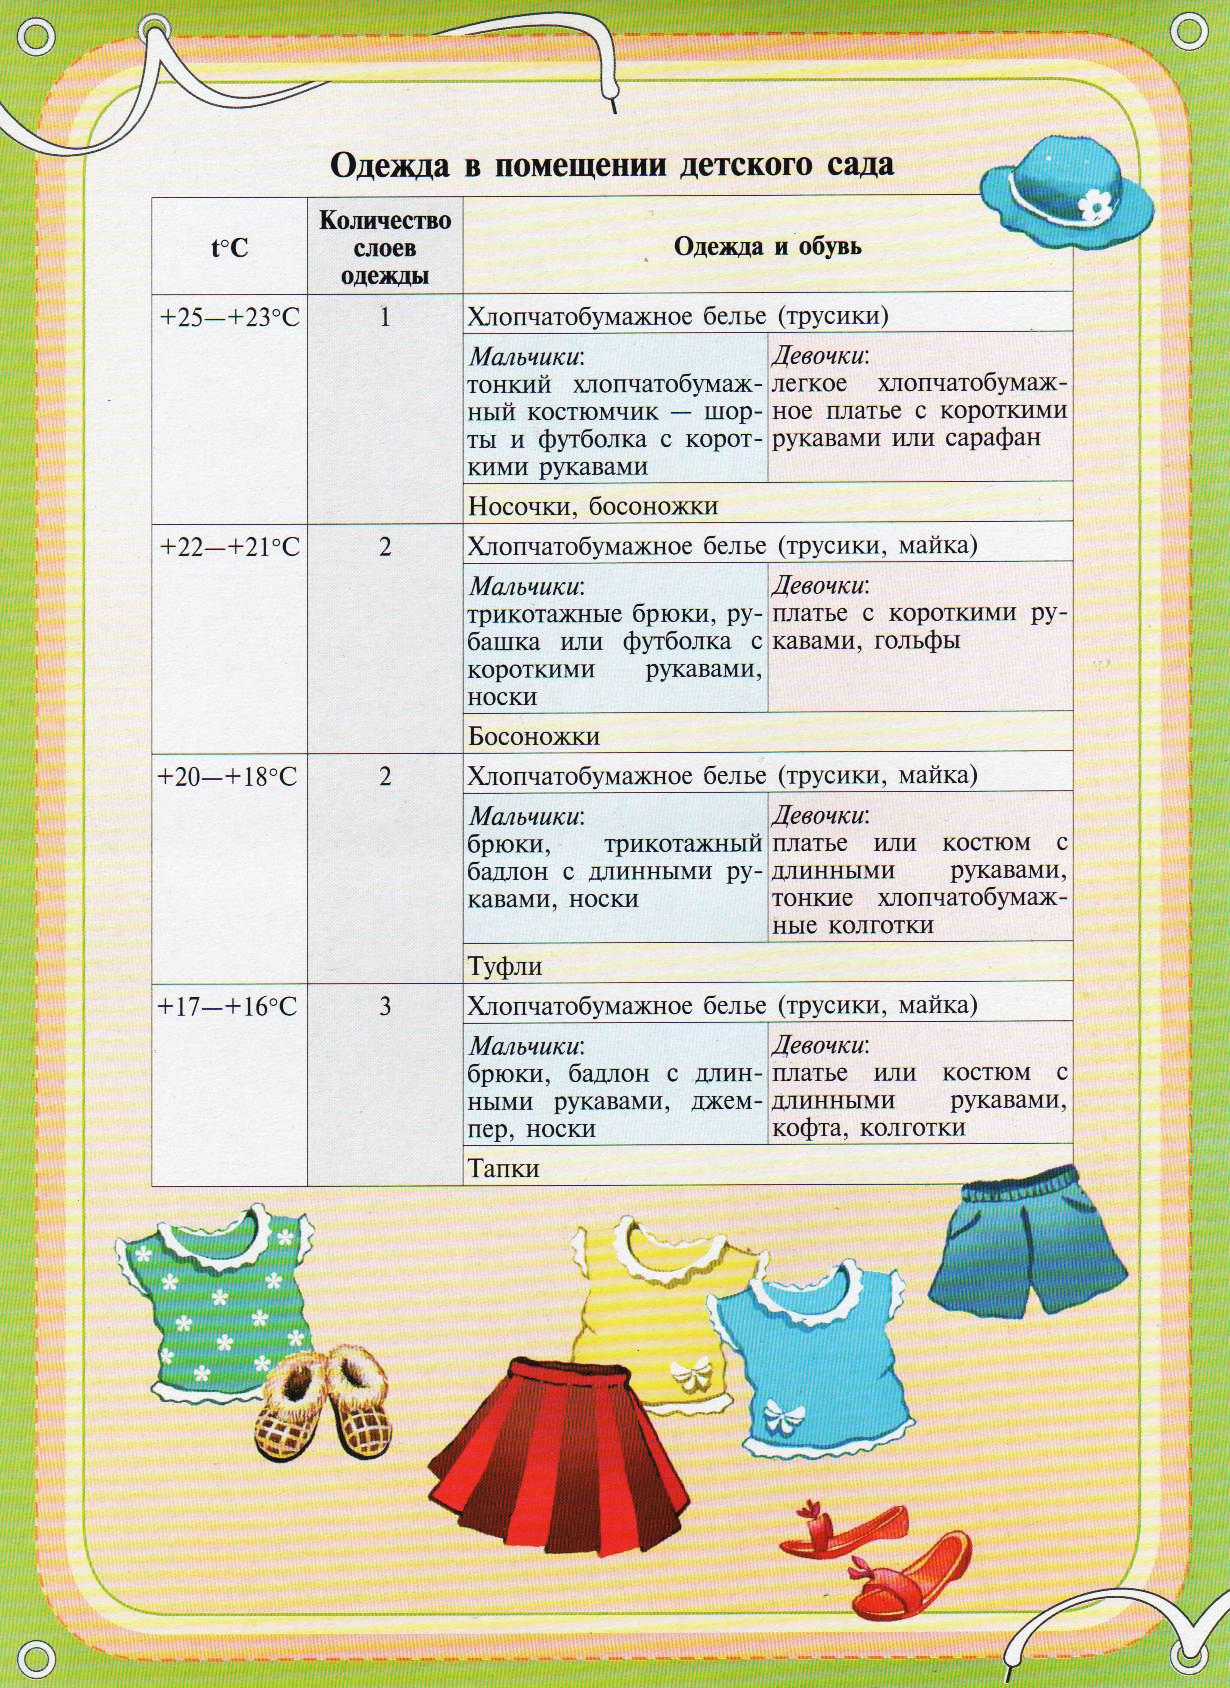 Полный список вещей для новорожденного ребенка